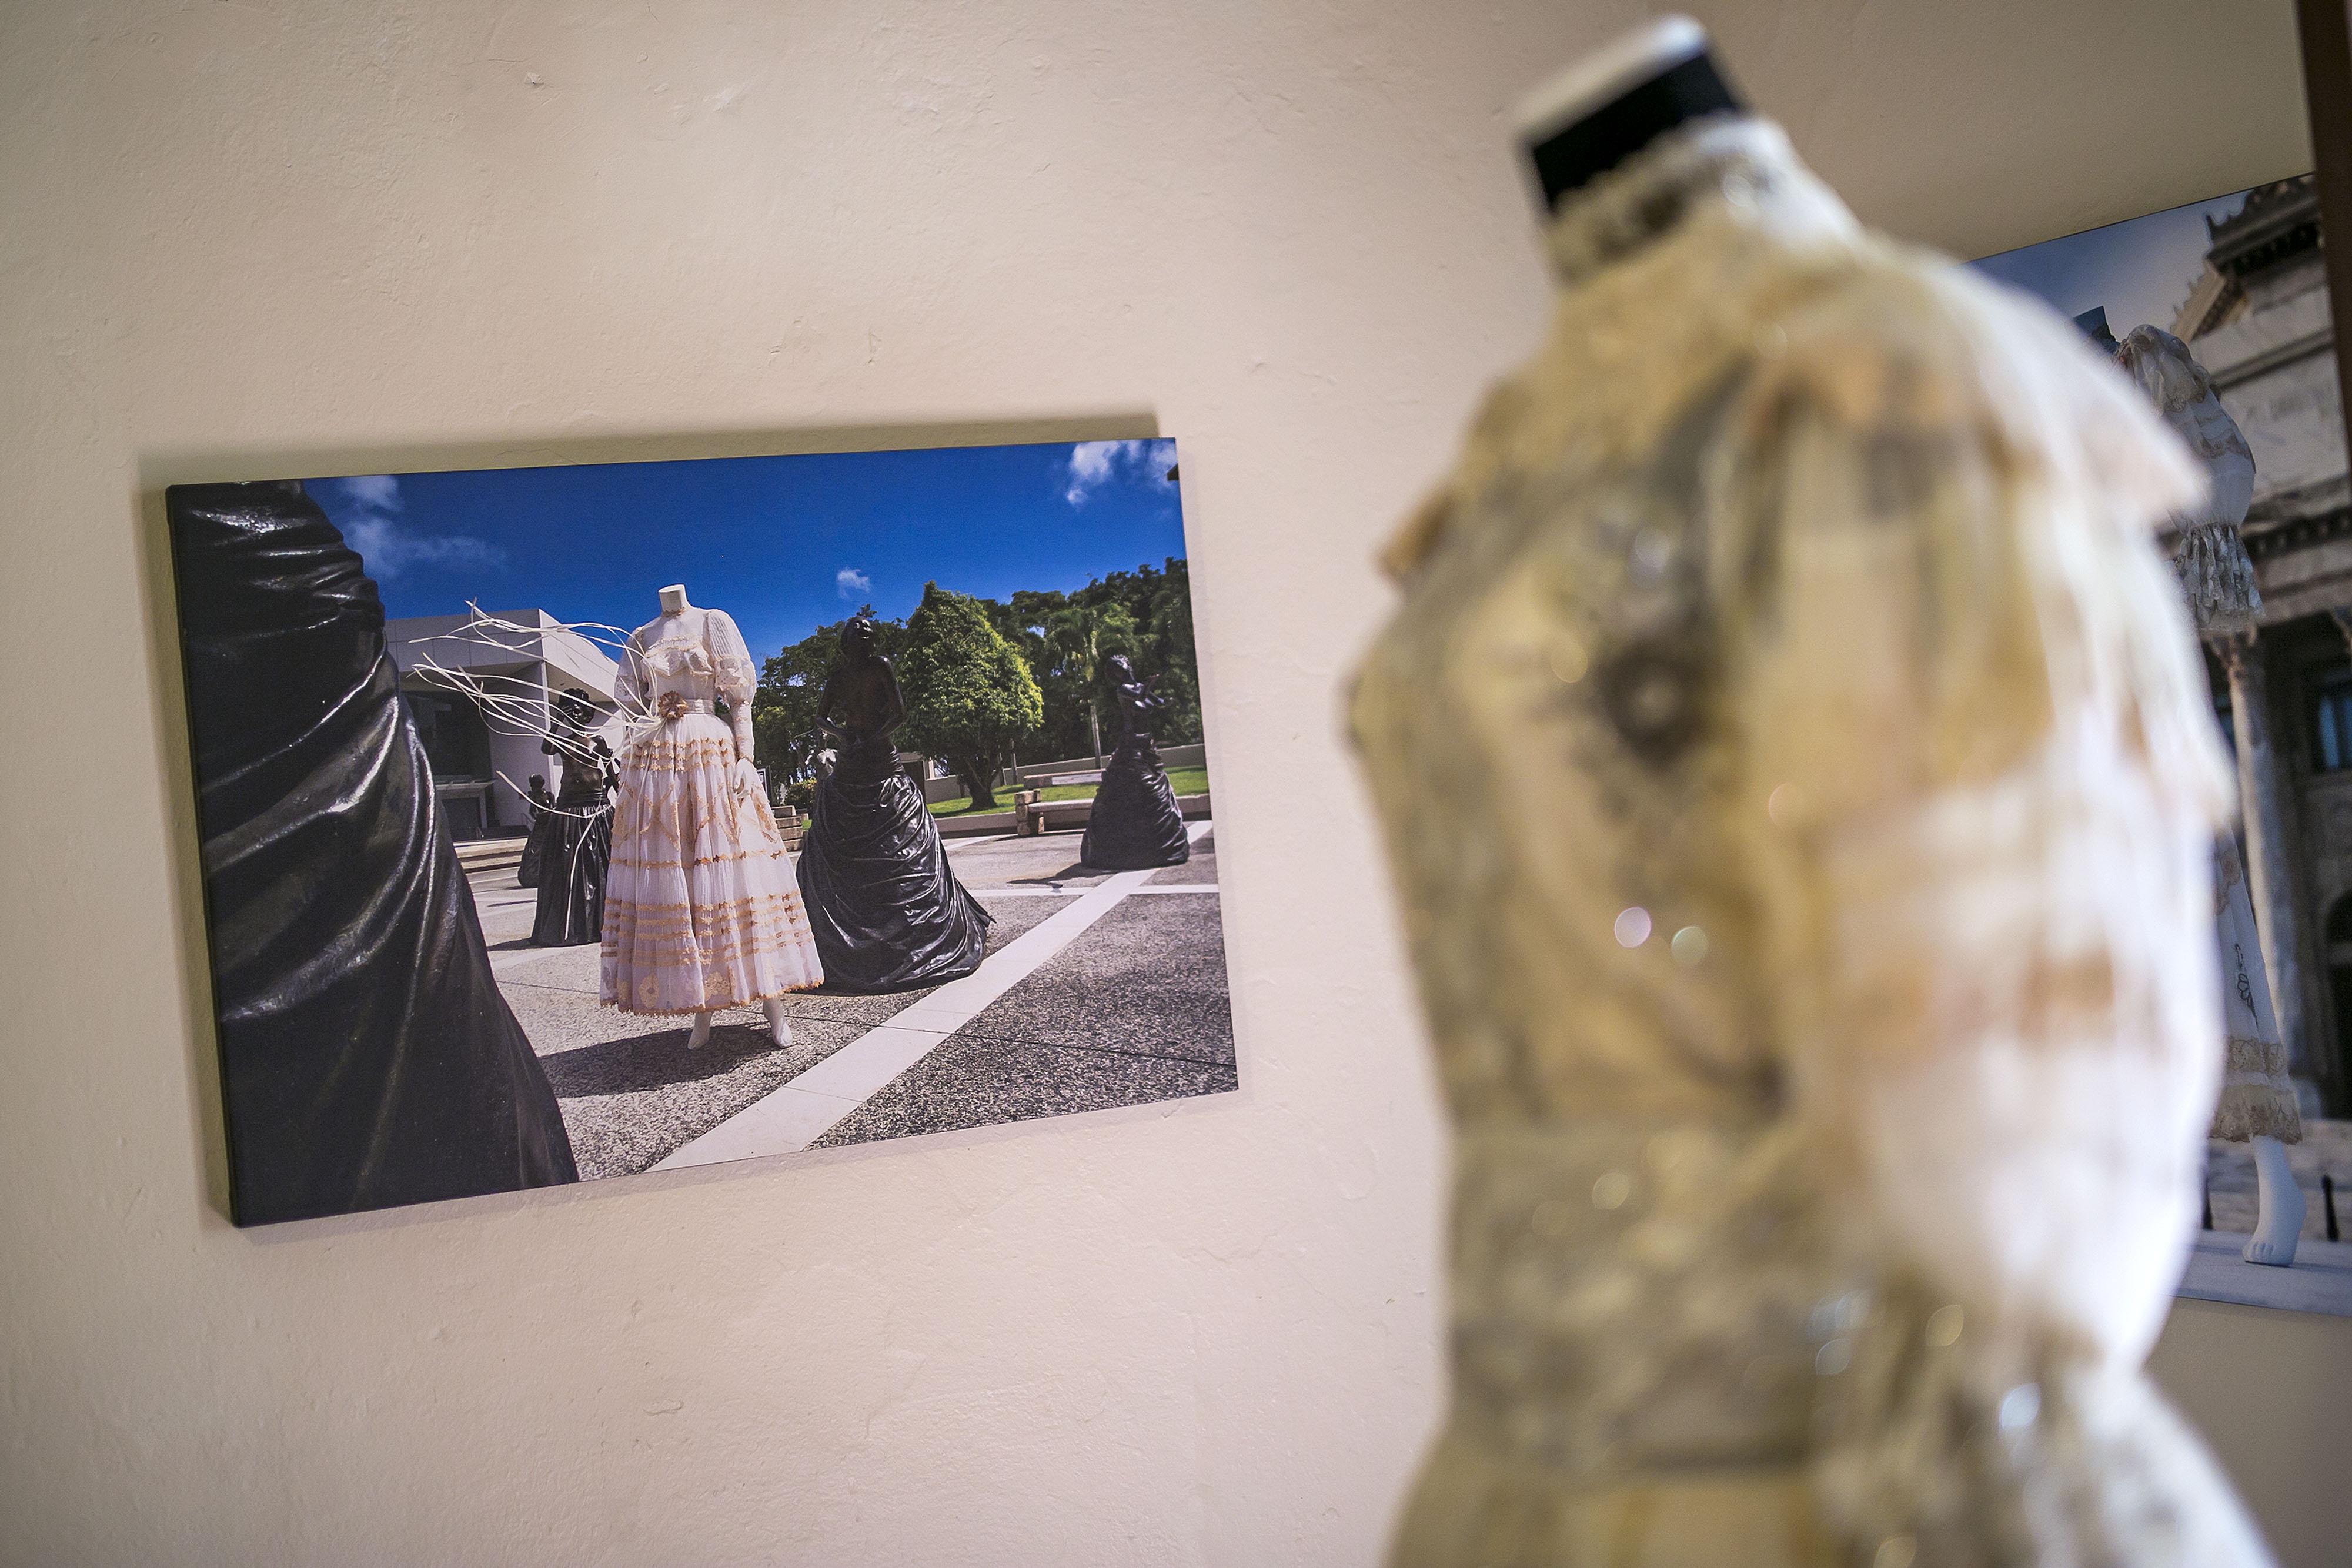 El libro incluye 70 vestidos que fueron fotografiados por Clay Humprey, quien falleció antes de que se publicara el libro, que fue editado por Cristina Orlandi y diseñado por Alberto Rigau. (Foto: Xavier García)